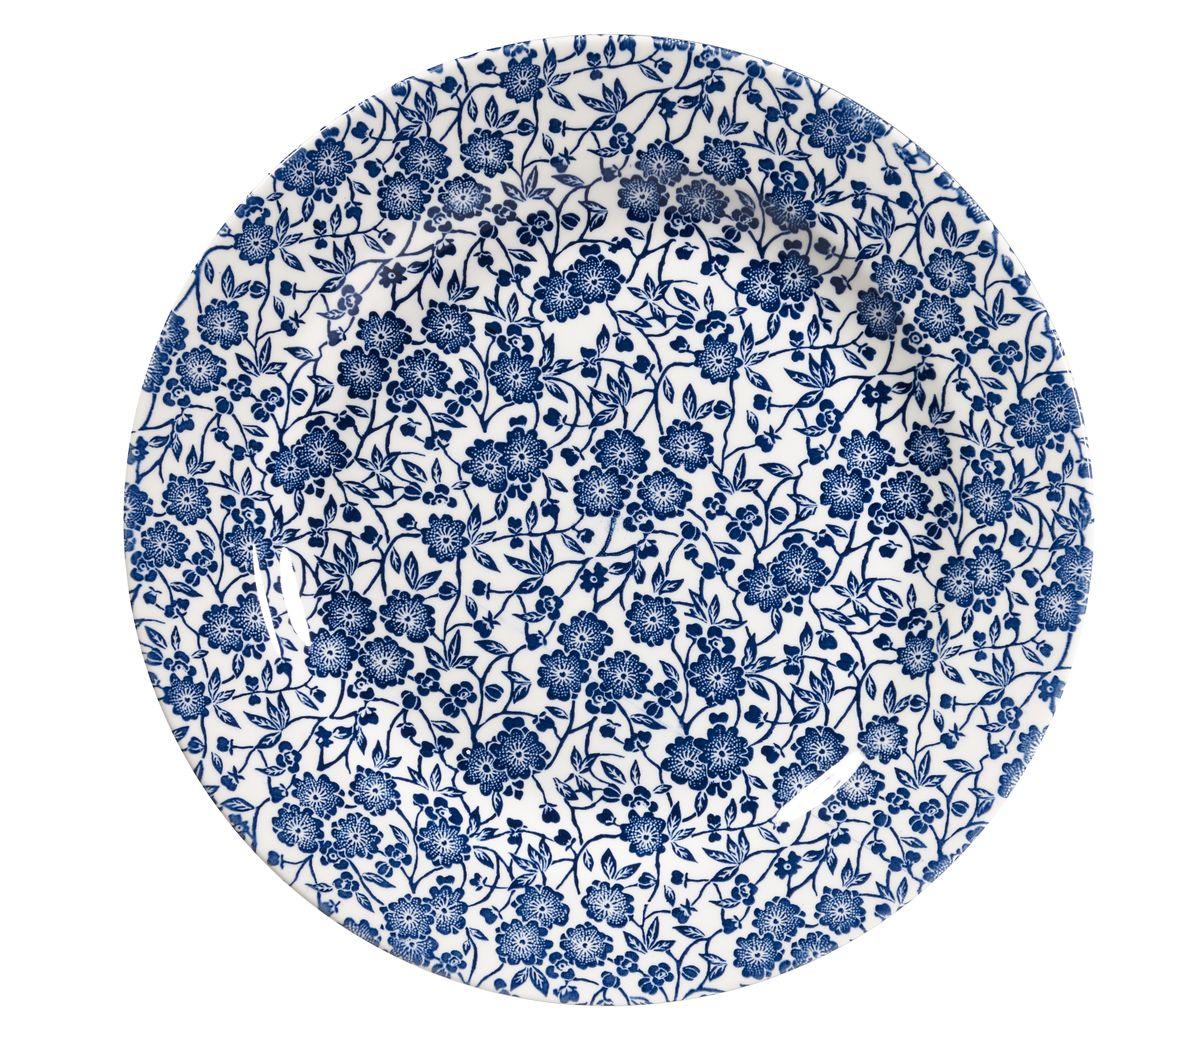 Тарелка обеденная Churchill, диаметр 26 см. CABL00131CABL00131Обеденная тарелка Churchill изготовлена из высококачественного фаянса. Изделие оформлено красивым цветочным рисунком. Оно прекрасно впишется в интерьер вашей кухни и станет достойным дополнением к кухонному инвентарю. Тарелка Churchill подчеркнет прекрасный вкус хозяйки и станет отличным подарком. Можно мыть в посудомоечной машине и использовать в микроволновой печи. Диаметр тарелки (по верхнему краю): 26 см.